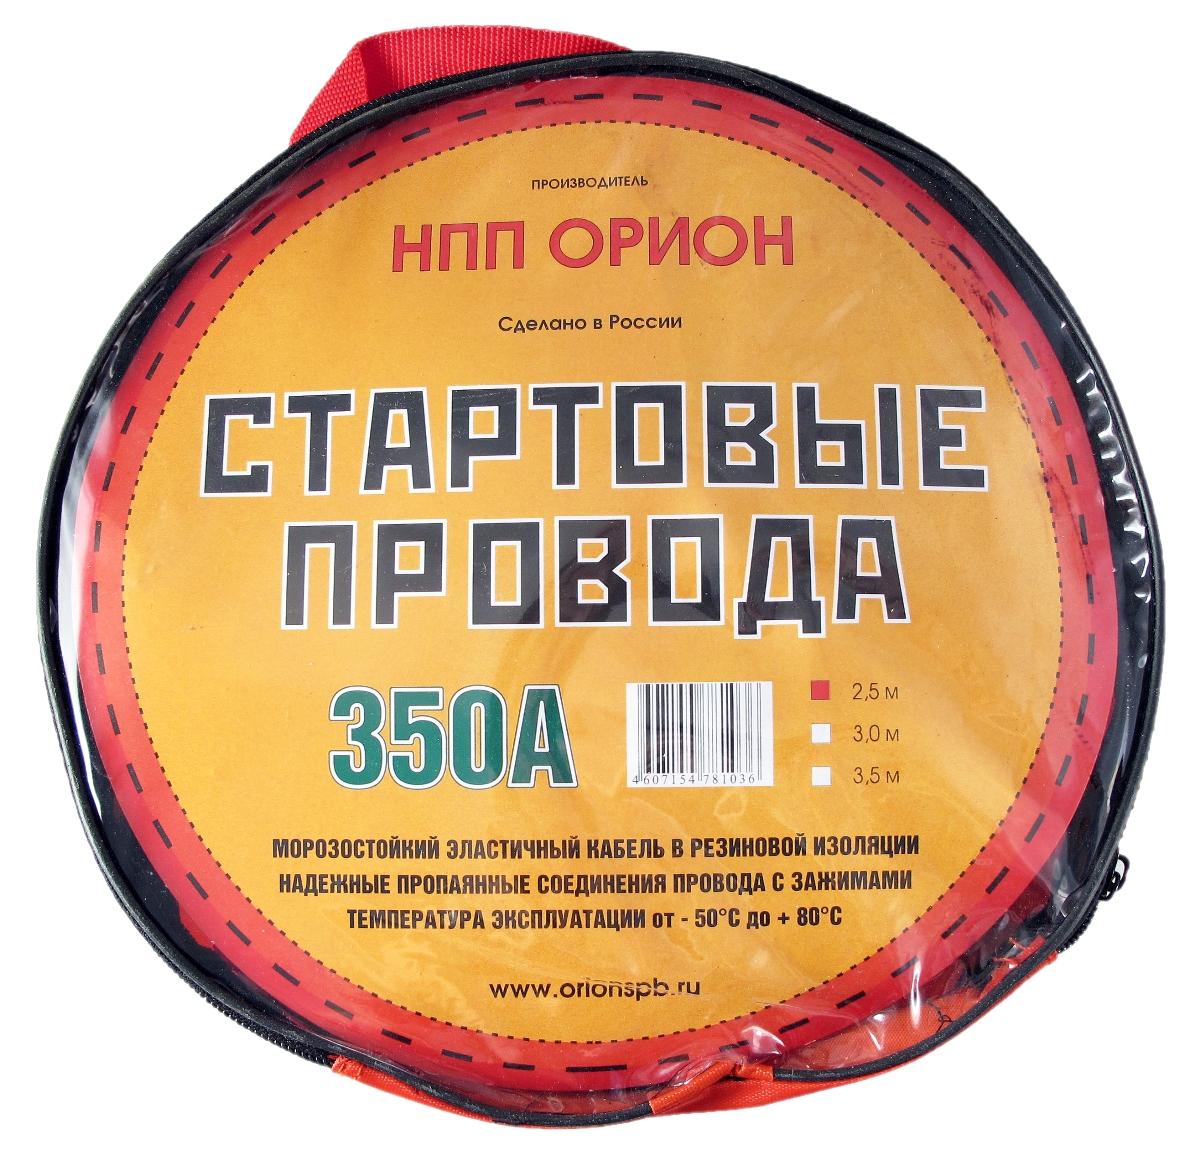 Стартовые провода Орион, хладостойкие, в сумке, 350А, 2,5 мH00001344НАЗНАЧЕНИЕСтартовые провода предназначены для соединения одноименных клемм аккумуляторов автомобилей для того, чтобы осуществить дополнительную подпитку стартера в автомобиле с разряженной аккумуляторной батареей или загустевшим от мороза маслом. Применяются для запуска двигателей легковых и грузовых автомобилей при низкой температуре воздуха в холодное время года, а также после длительного хранения автомобиля, вызвавшего саморазряд аккумуляторной батареи.ОСОБЕННОСТИ-Морозостойкий эластичный кабель в резиновой изоляции- Многожильный медный проводник-Полностью изолированные зажимы-Надежные пропаянные соединения провода с зажимами-Температура эксплуатации от - 50° С до + 80° СВАРИАНТЫ ИСПОЛНЕНИЯ350 А........2,5 м; 3 м; 3,5 м